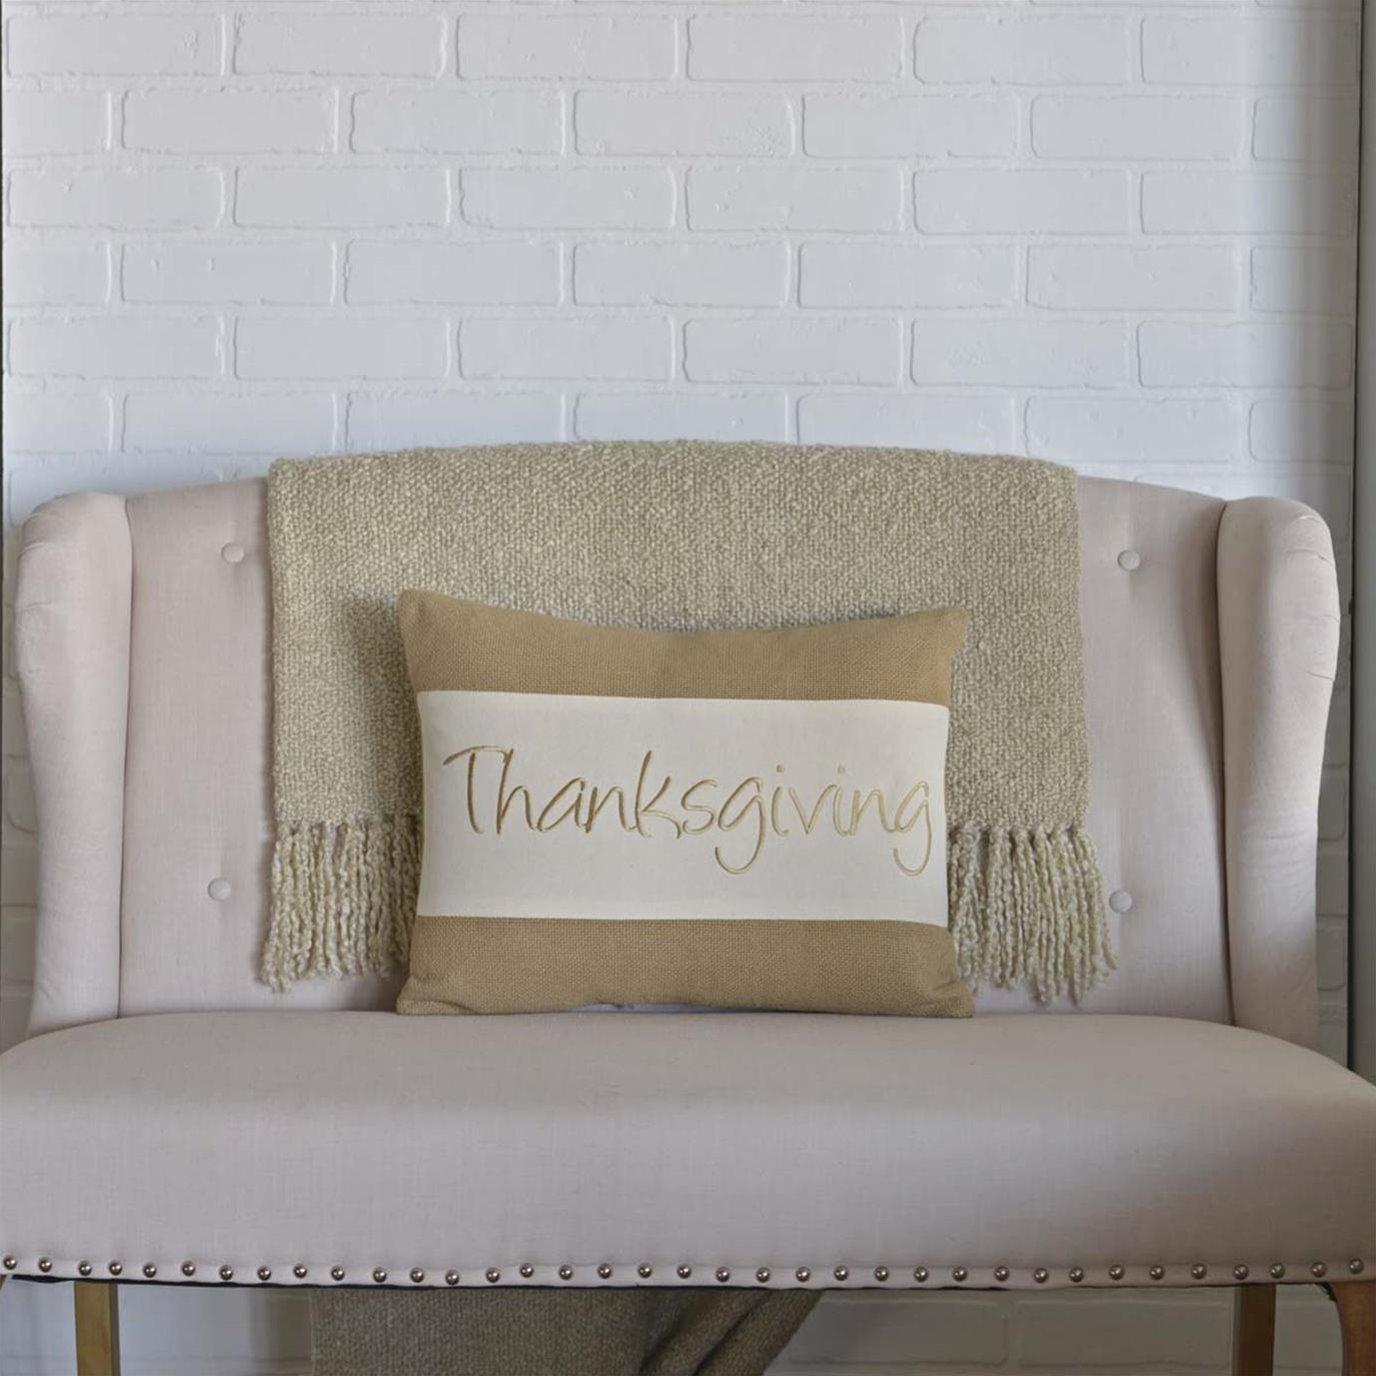 Thanksgiving Pillow 14x18